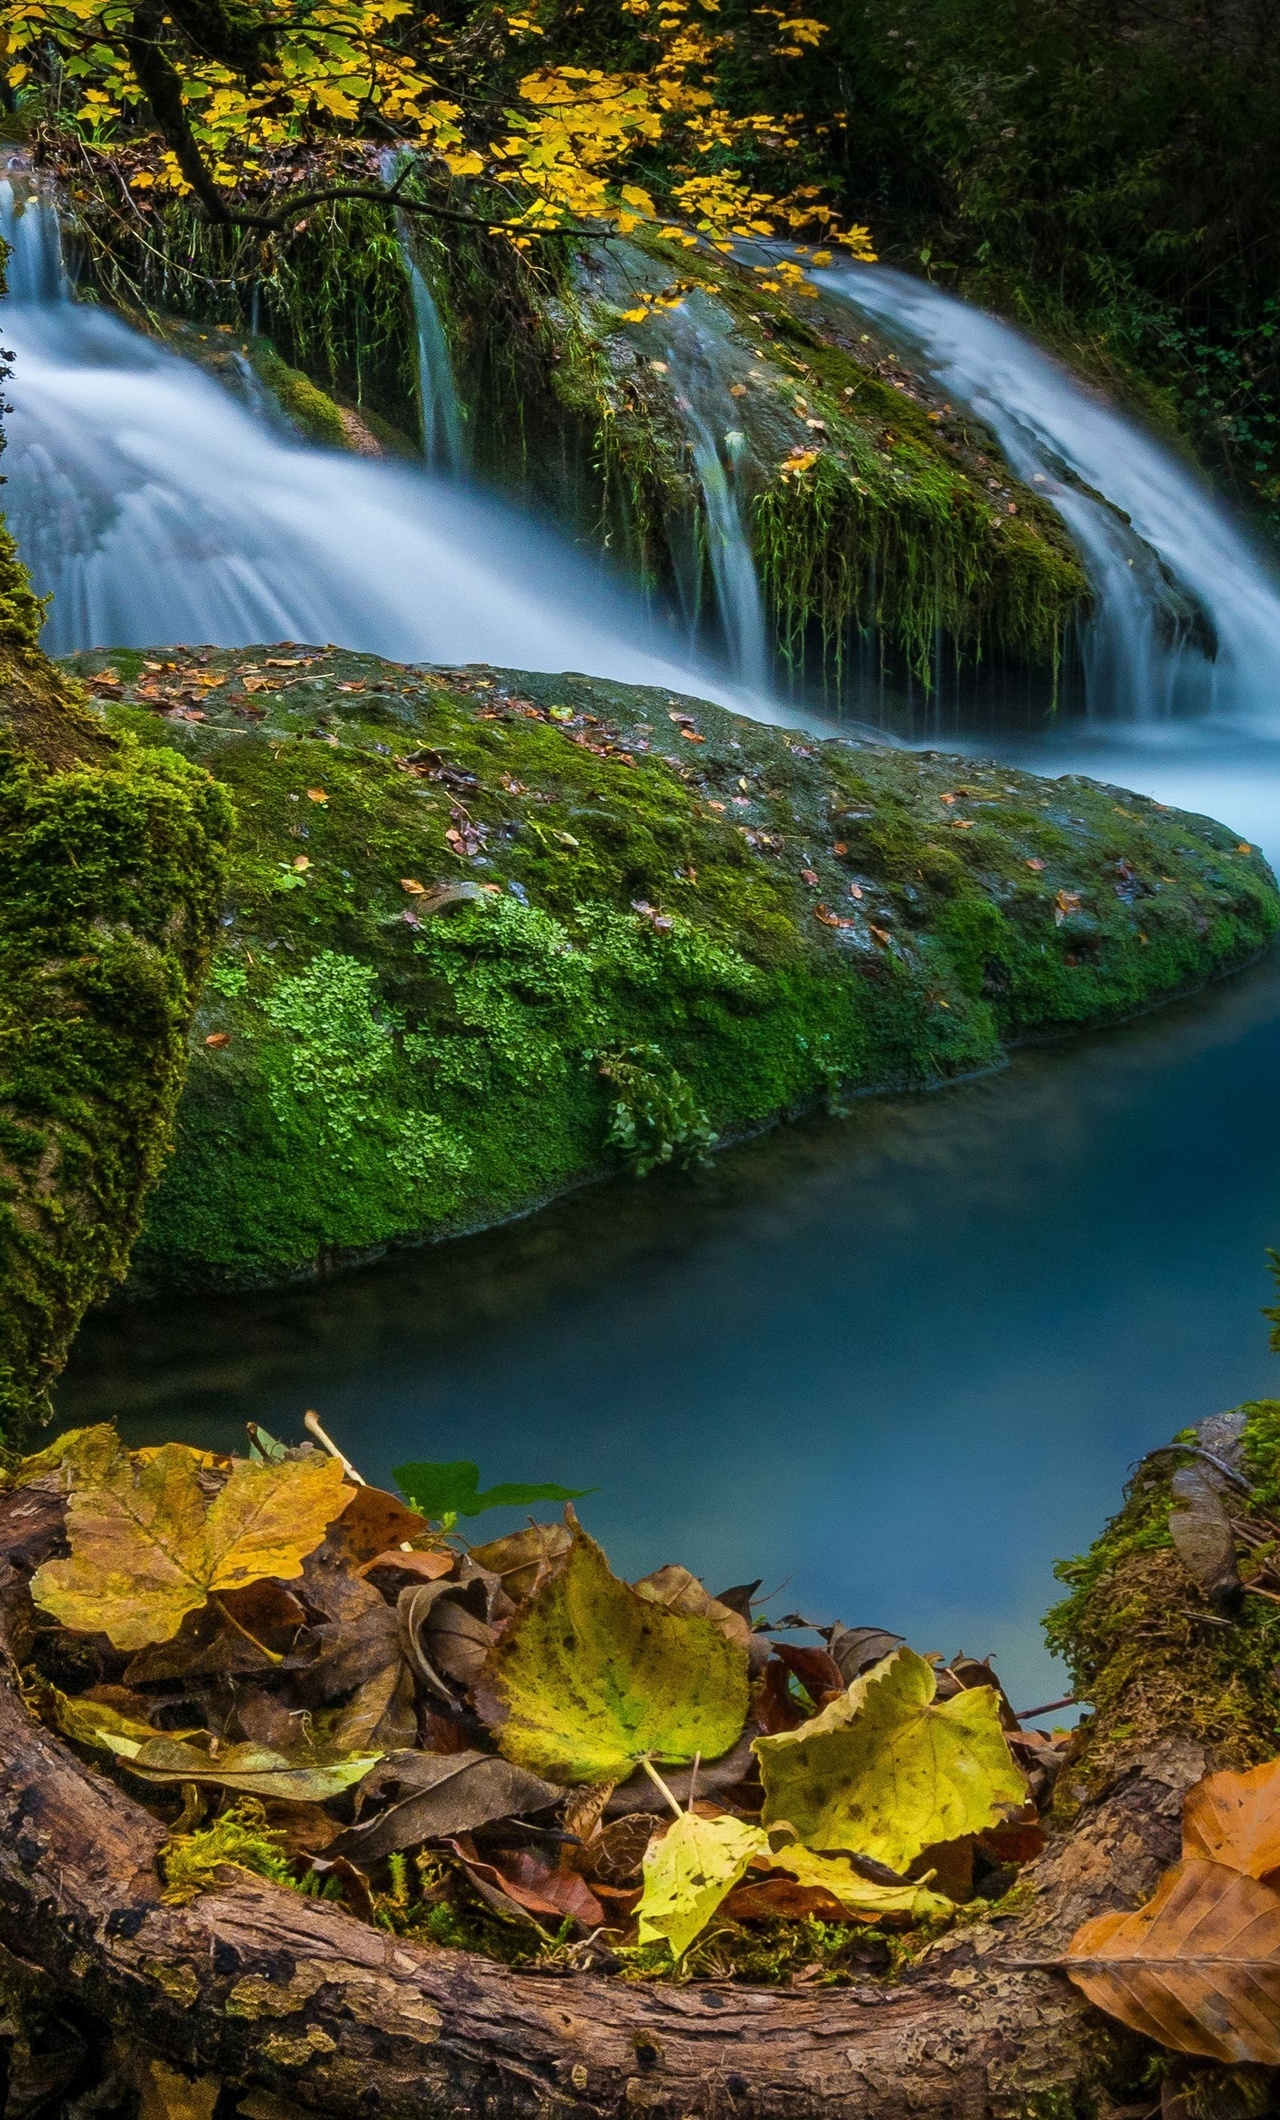 waterfalls-moss-foliage-5k-m0.jpg